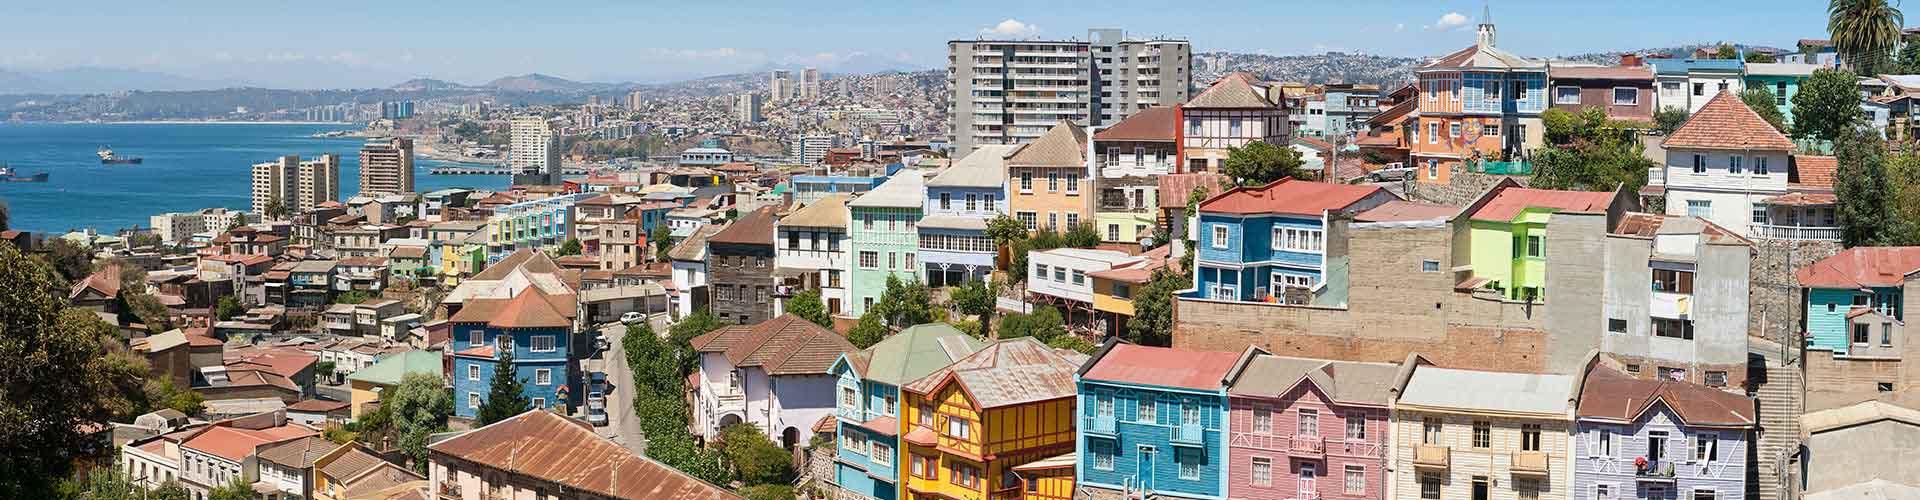 Valparaíso - Hoteles baratos en Valparaíso. Mapas de Valparaíso, Fotos y comentarios de cada Hotel en Valparaíso.